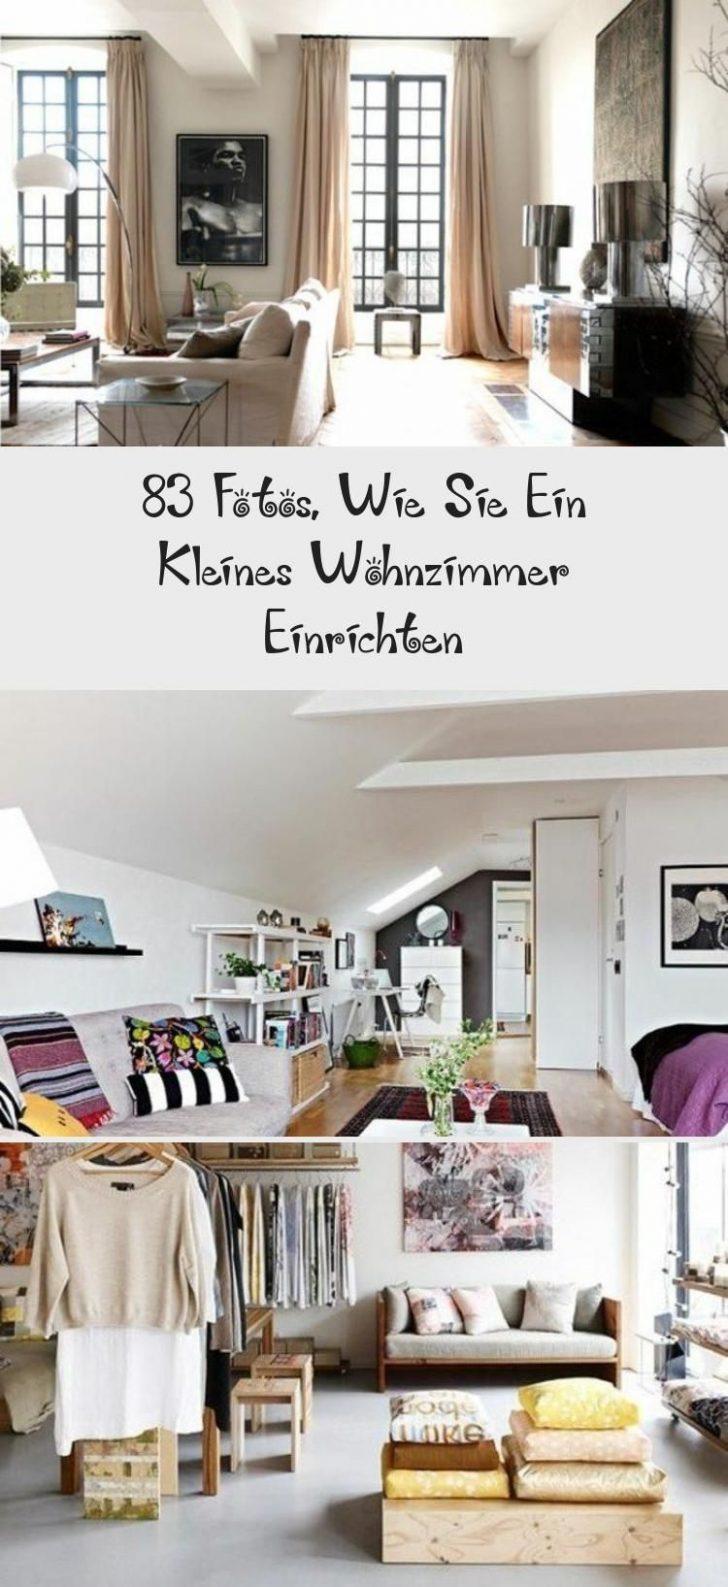 Medium Size of Kleines Wohnzimmer Sofa Im Raum Sofas Kleine Wohnzimmer Sofa Für Kleines Wohnzimmer Großes Sofa Kleines Wohnzimmer Wohnzimmer Sofa Kleines Wohnzimmer